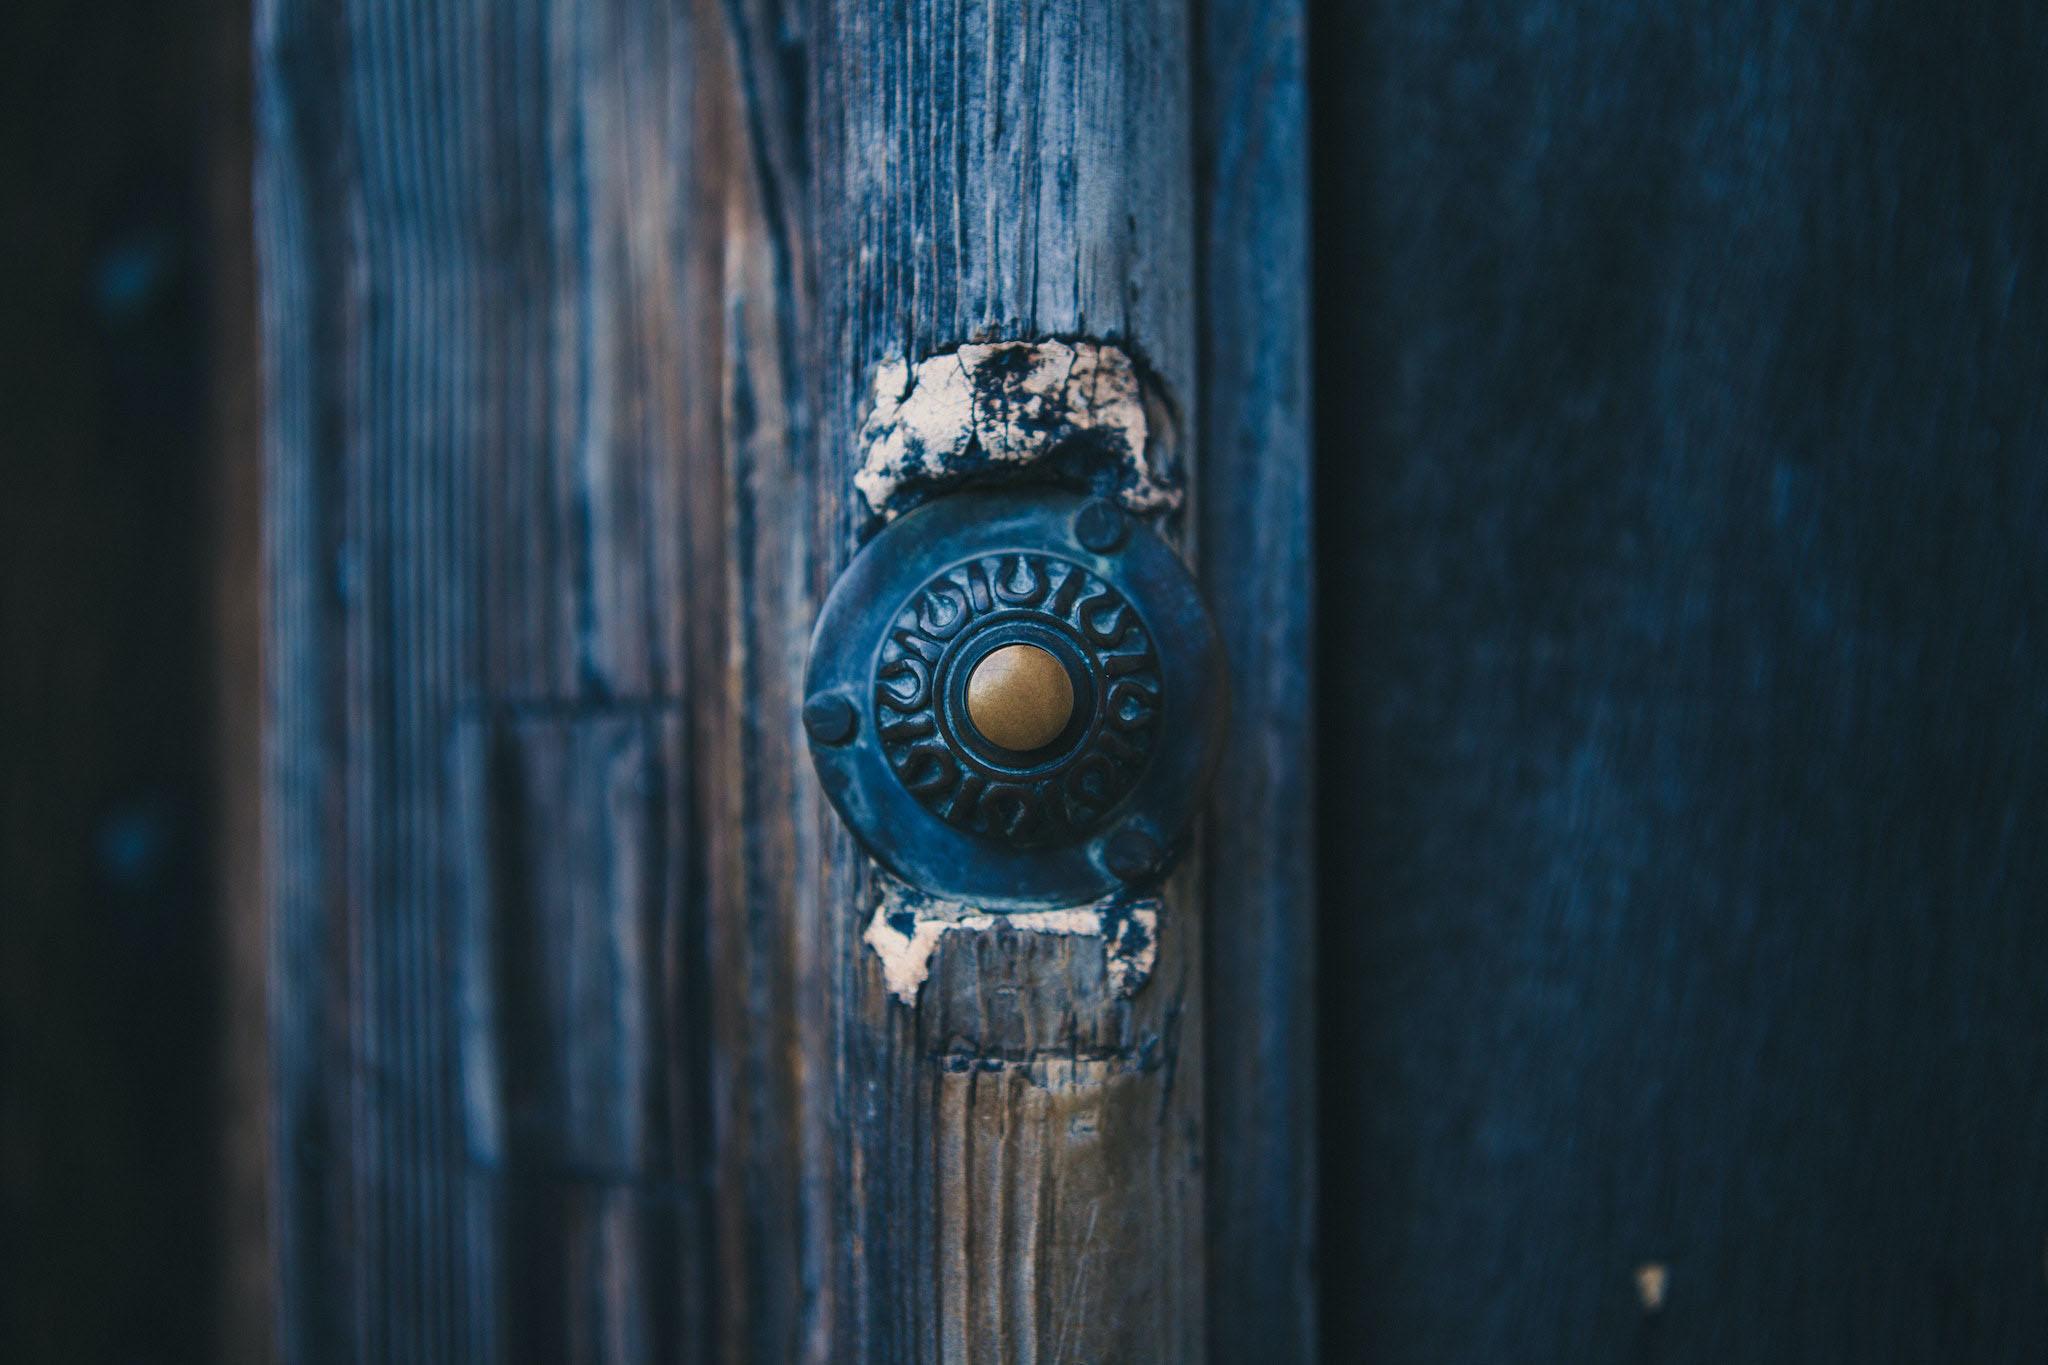 Install a New Doorbell